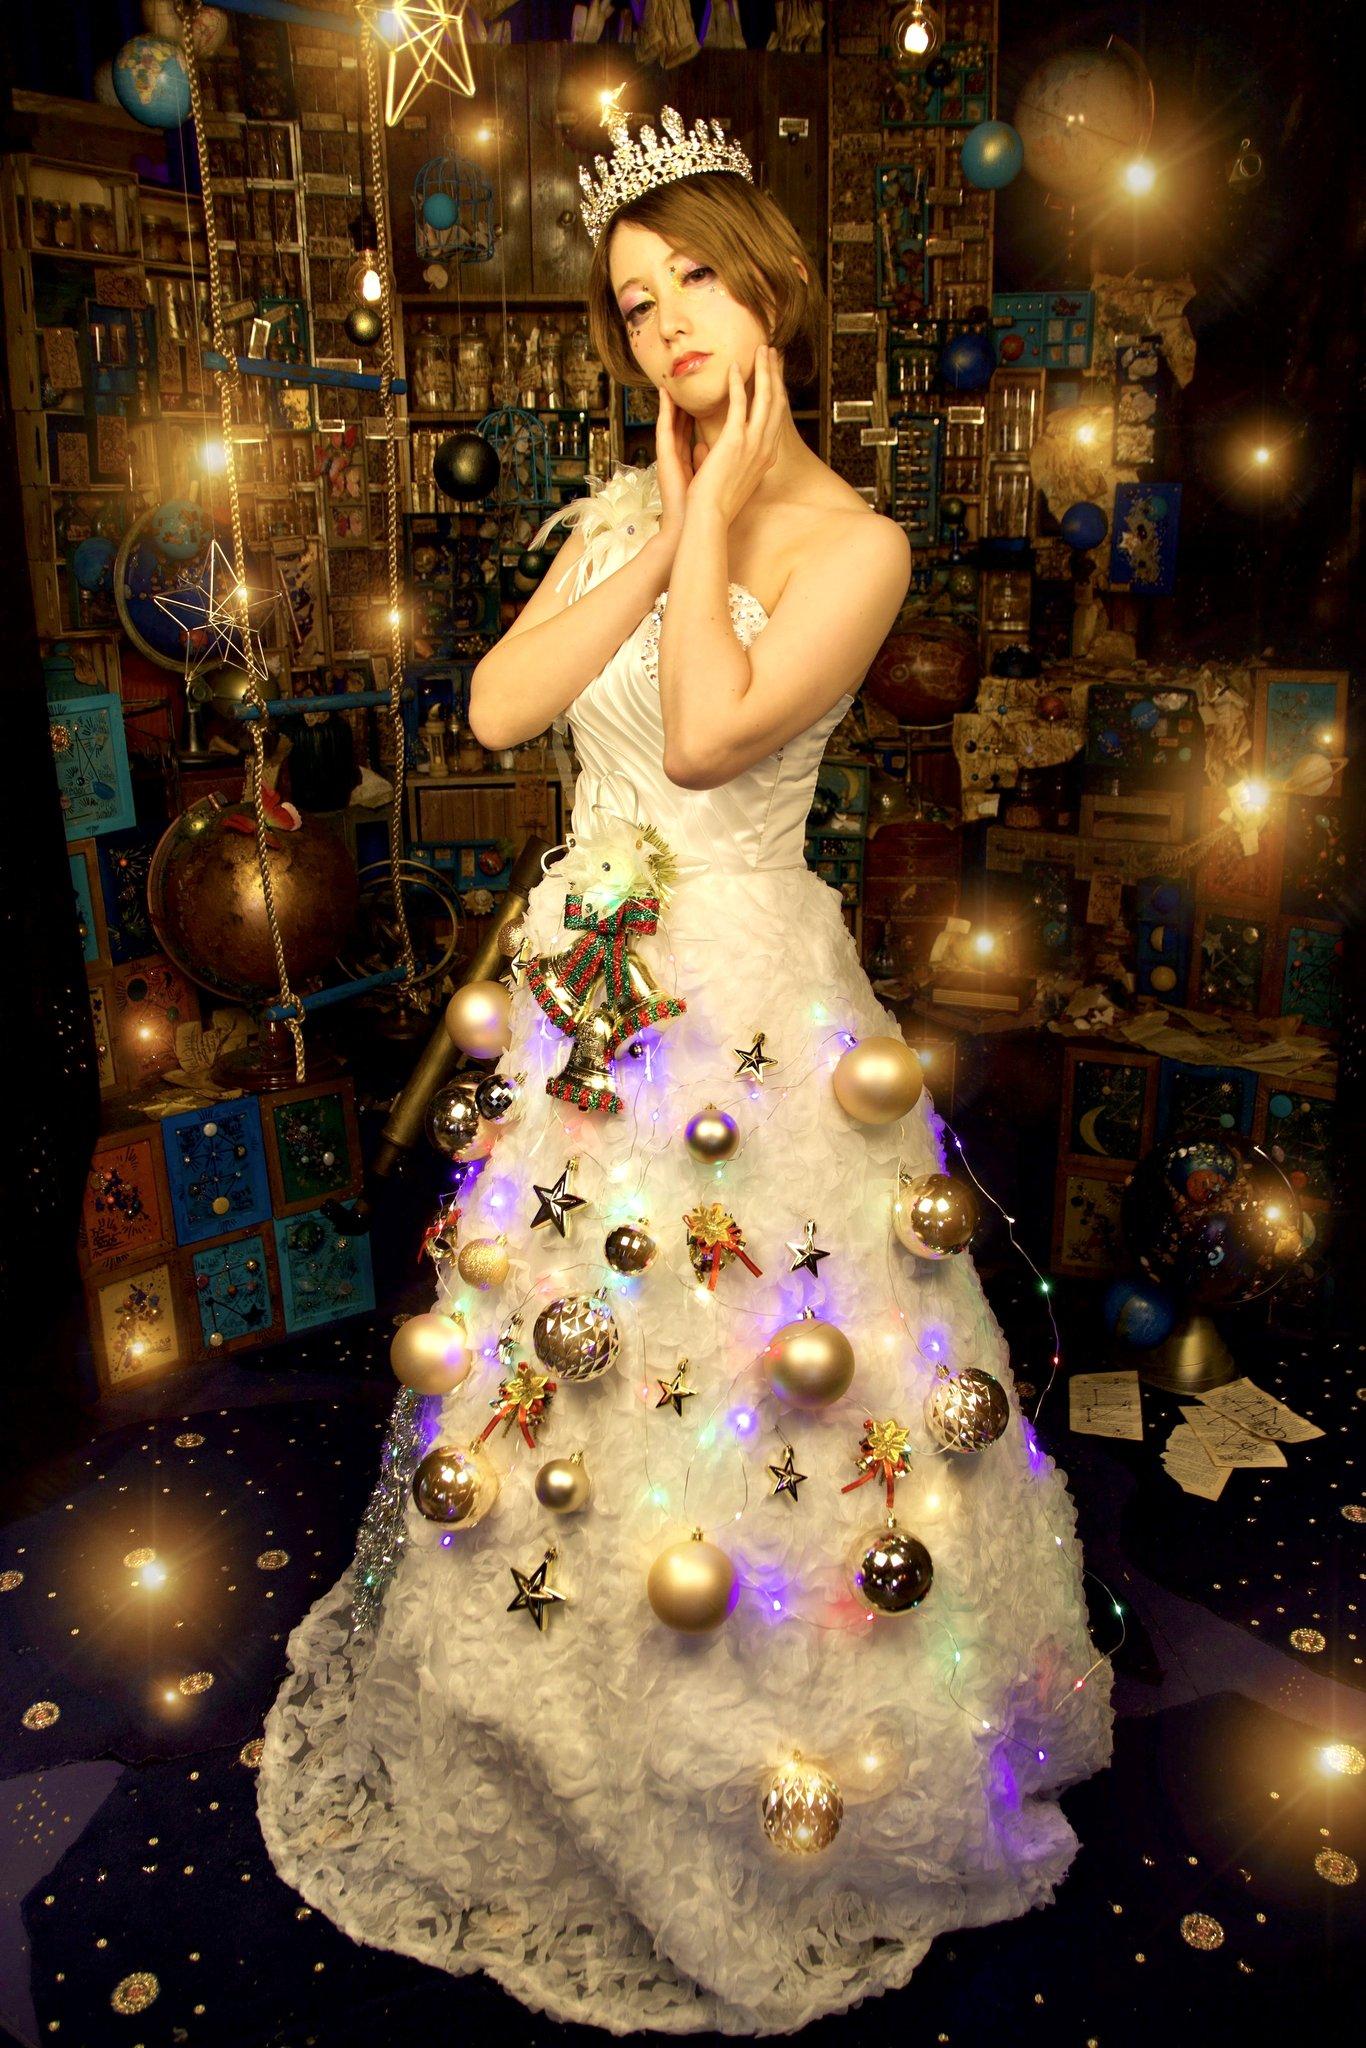 ドレスでクリスマスツリーを表現した作品でした。